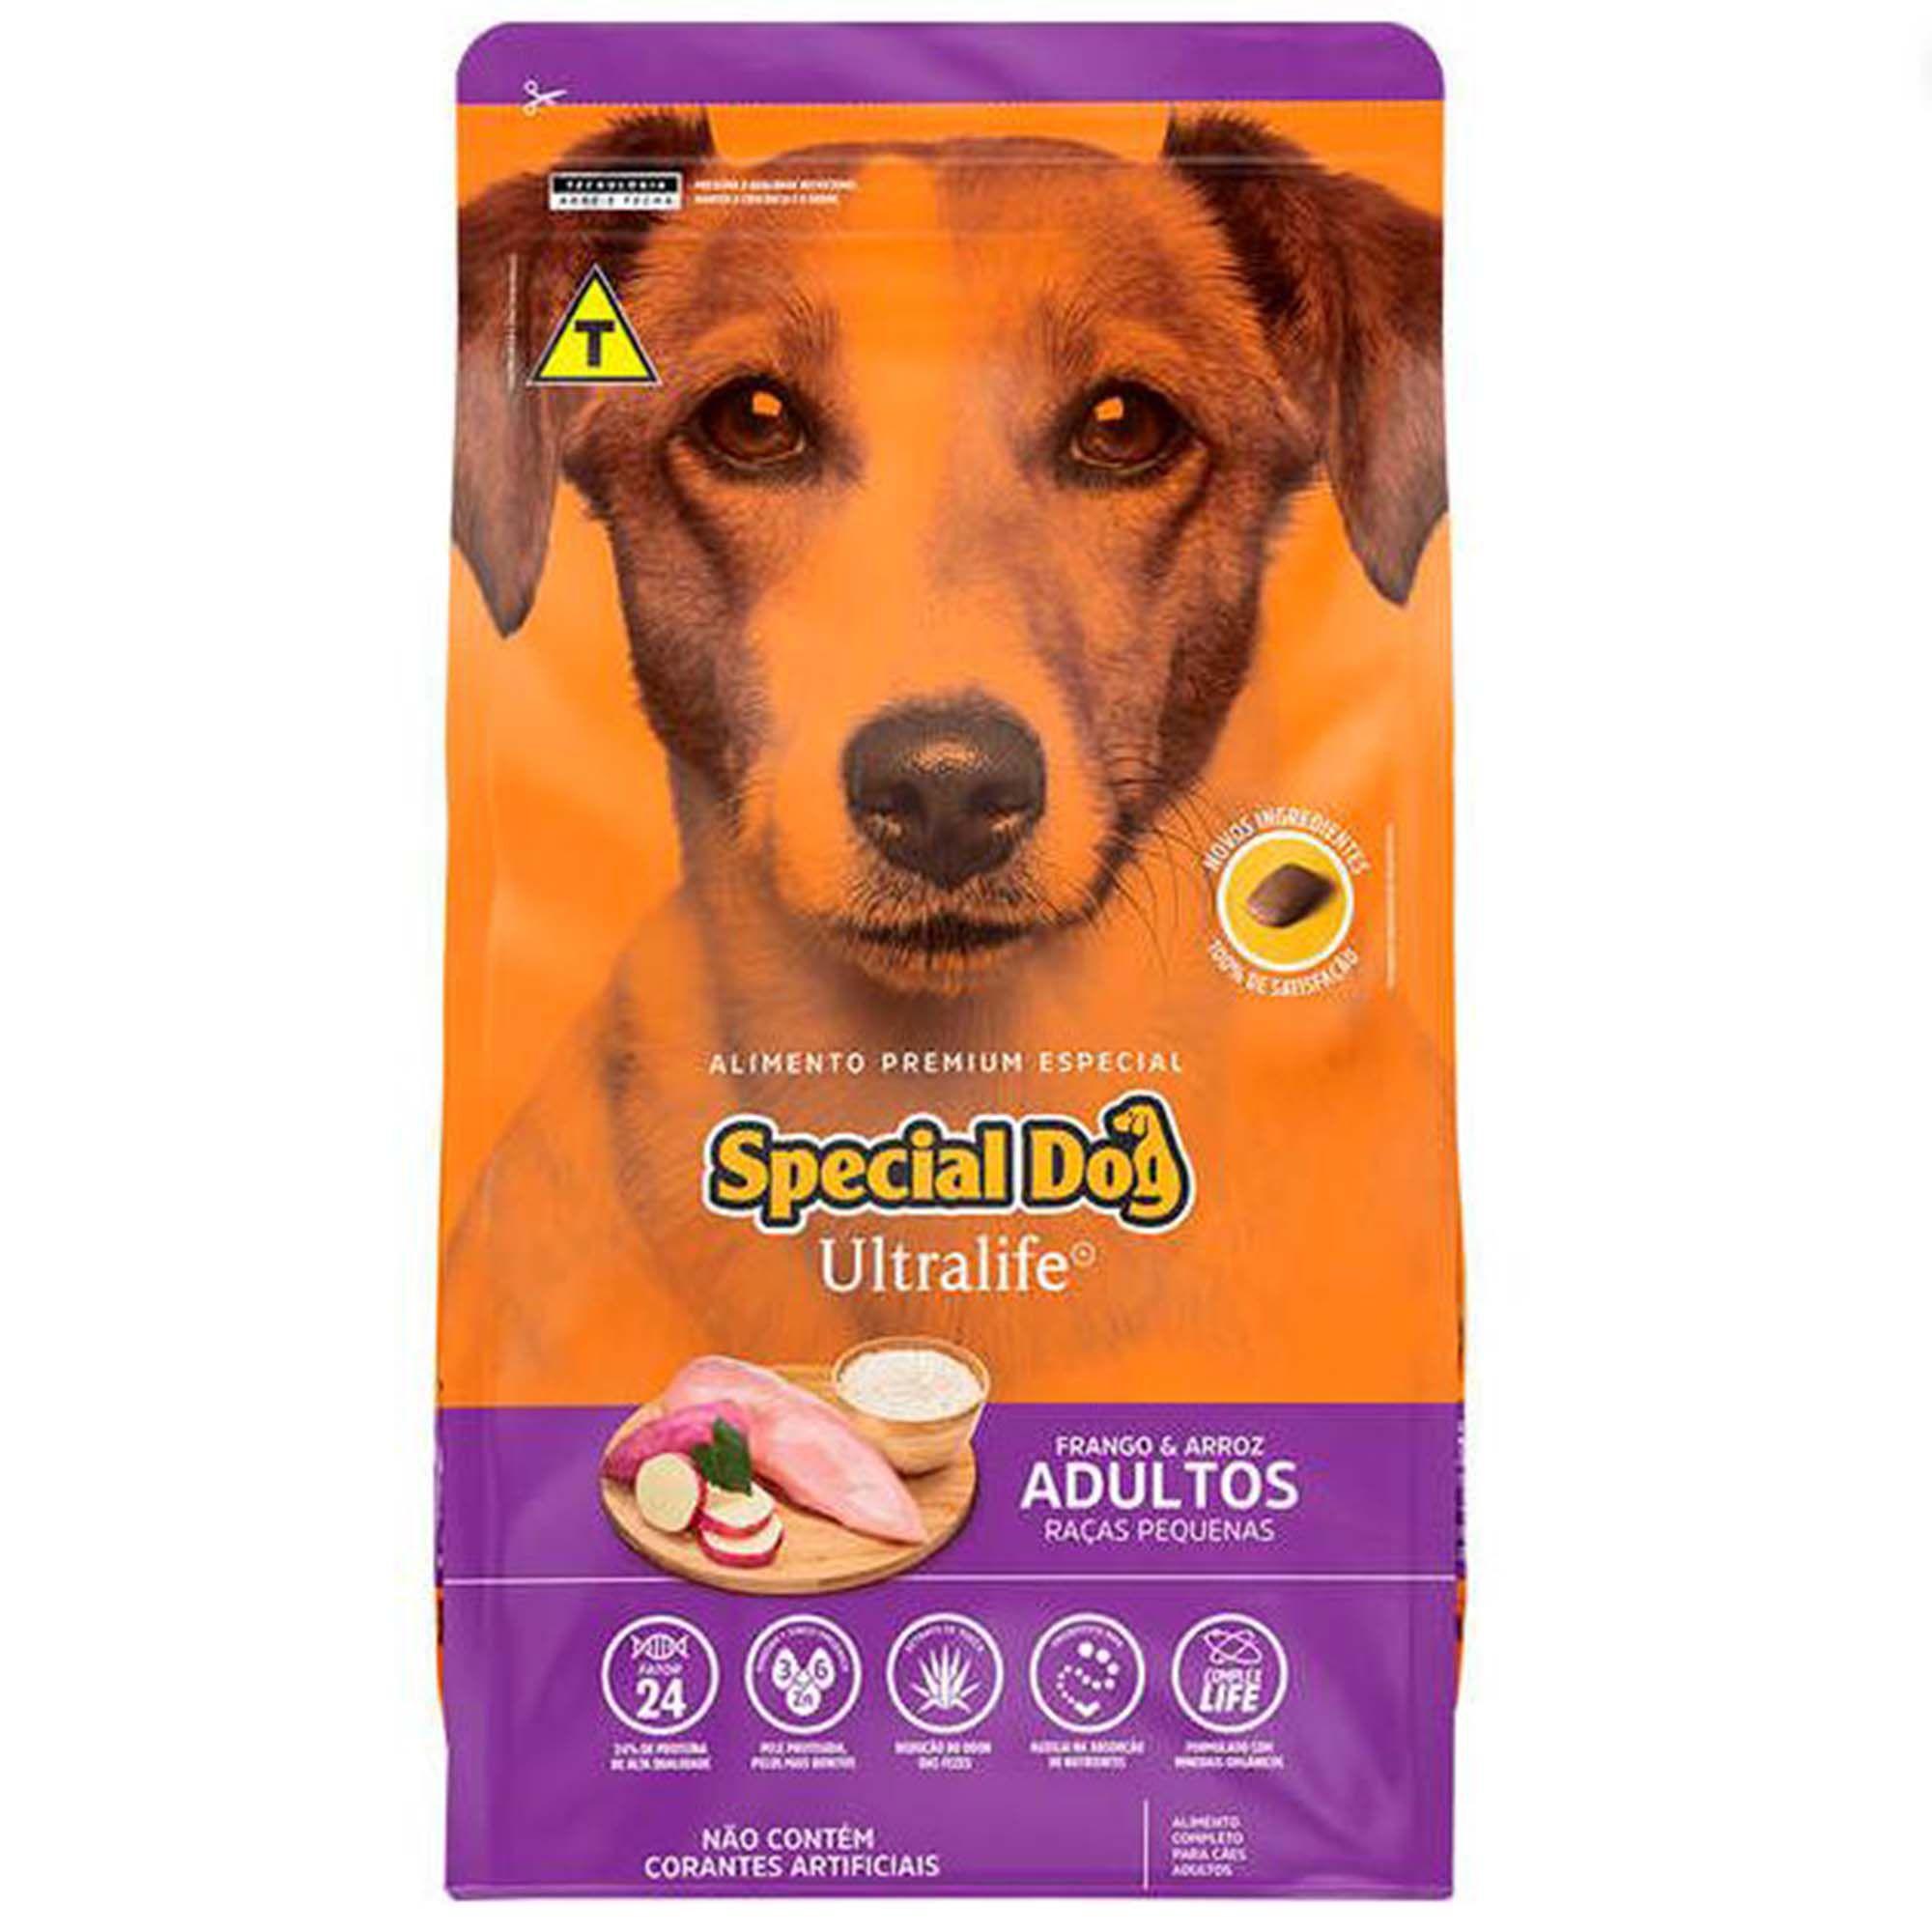 Ração Special Dog Ultralife Frango e Arroz - Cão Adulto de Raça Pequena